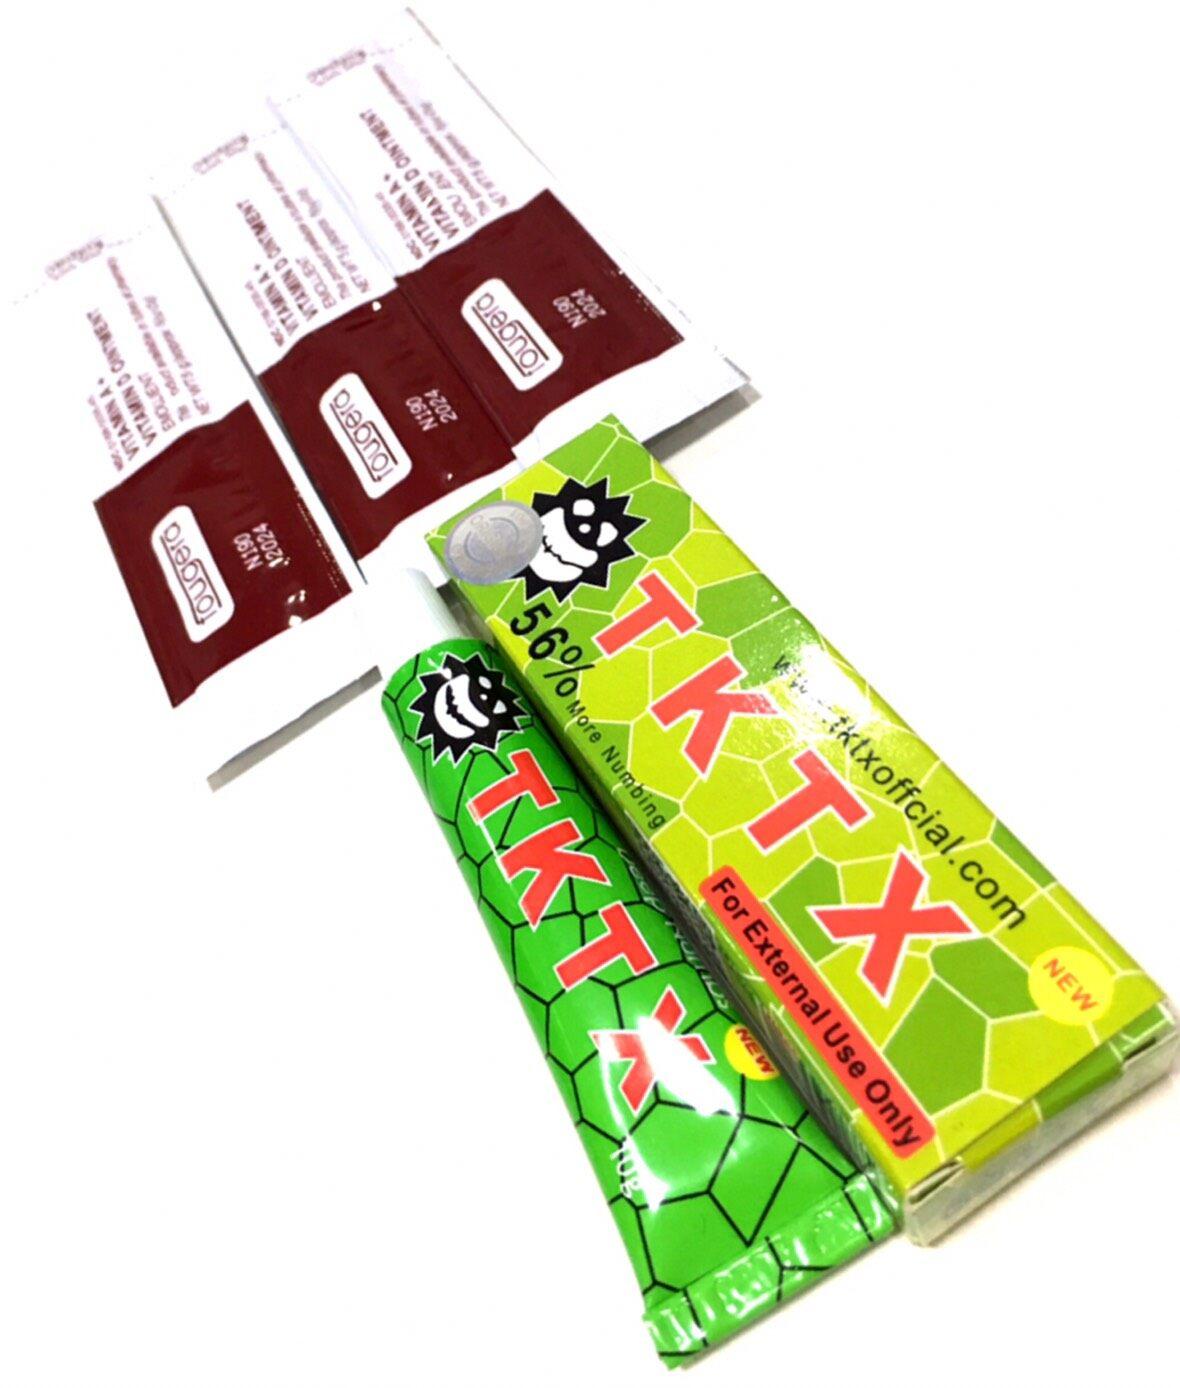 [มีเก็บปลายทาง, สินค้าอยู่ กทม] Tktxofficial Tktx 56% เขียว หลอดสกรีน ( เซต 1 หลอด แถม ครีมบำรุง 3 ซอง ) แท้ 100% มีฉลาก Original คุณภาพสูง.